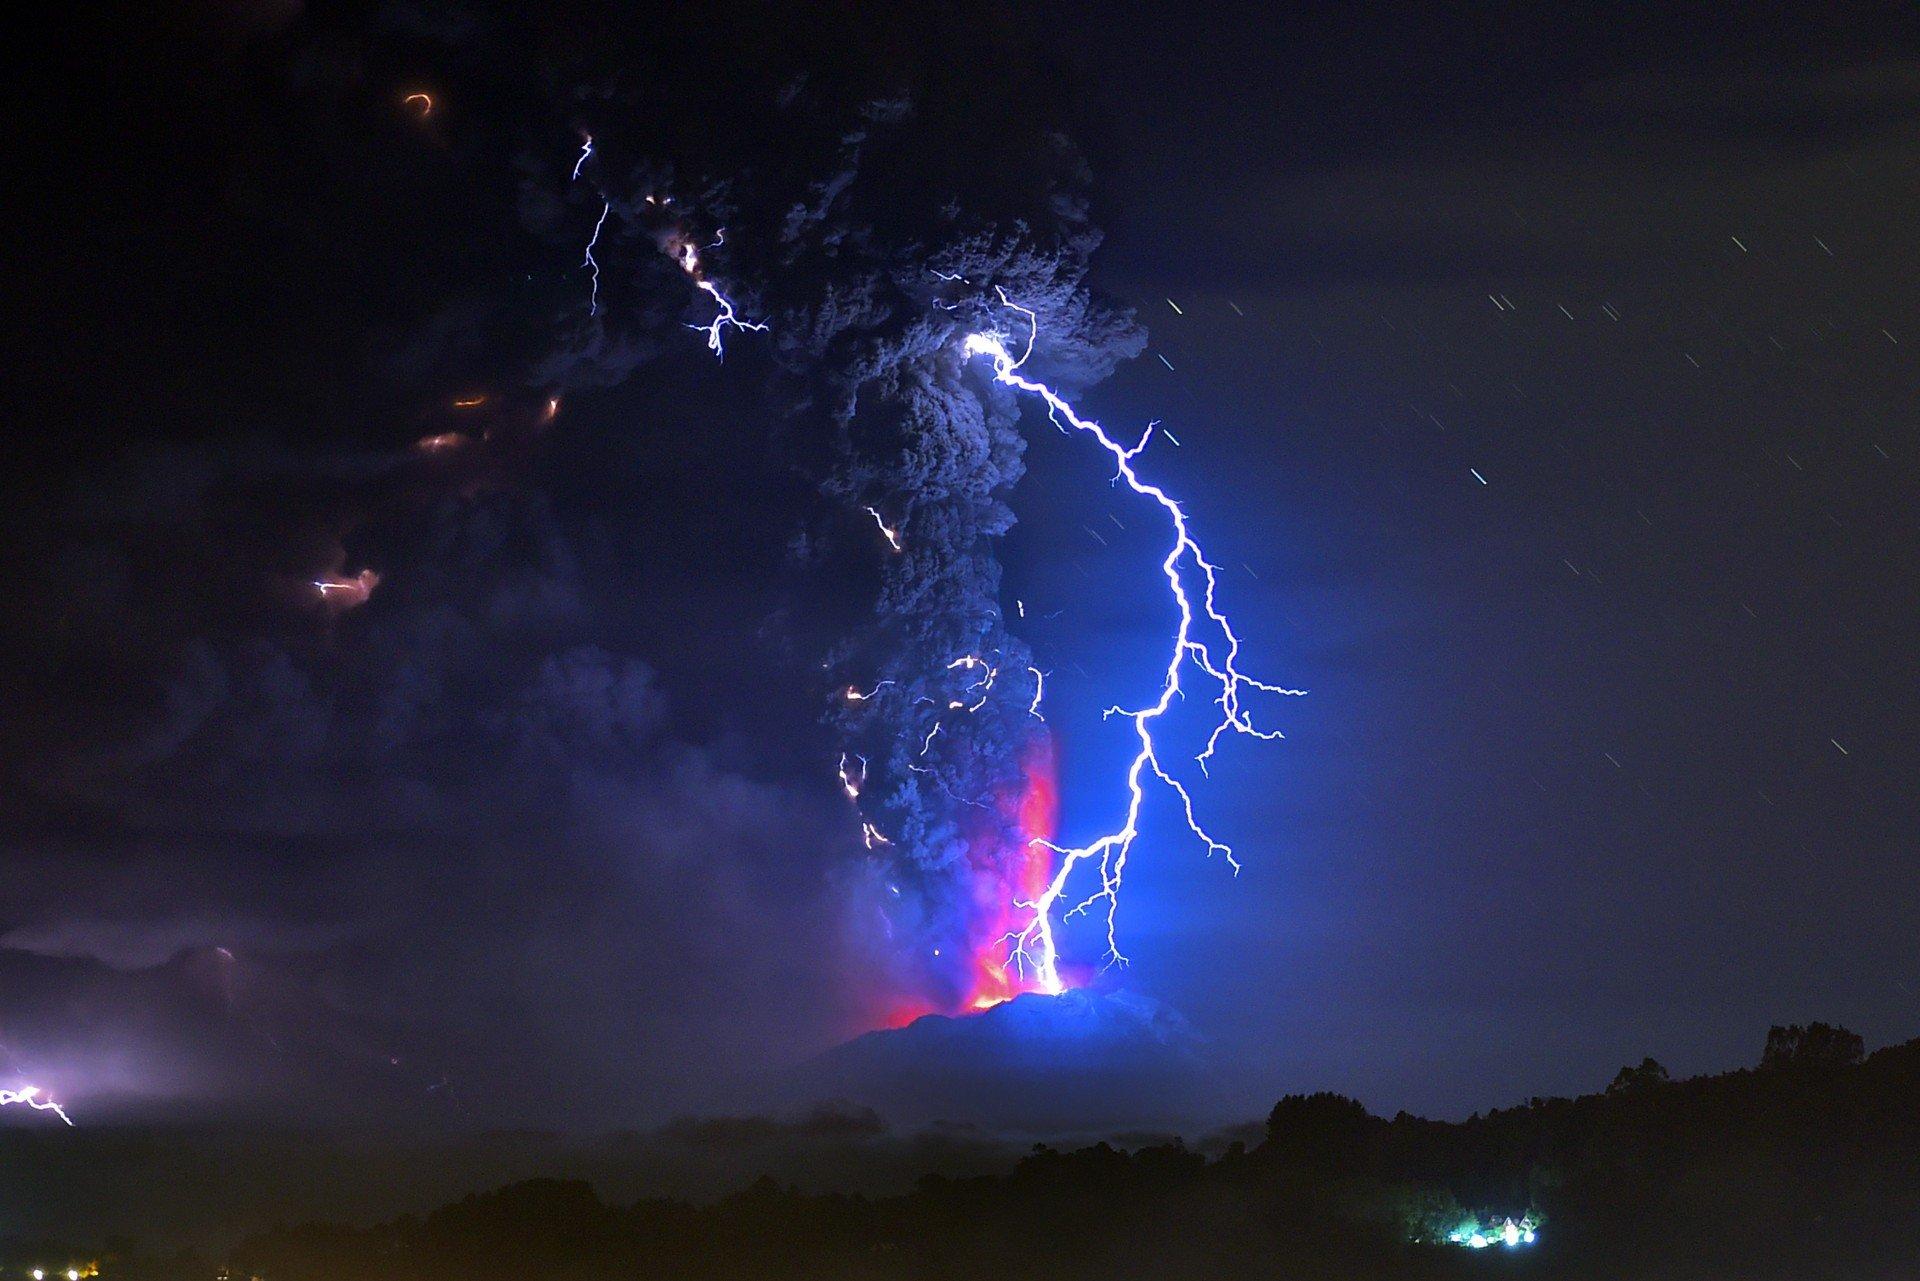 Lista: 10 fenómenos científicos grabados en video que te sorprenderán